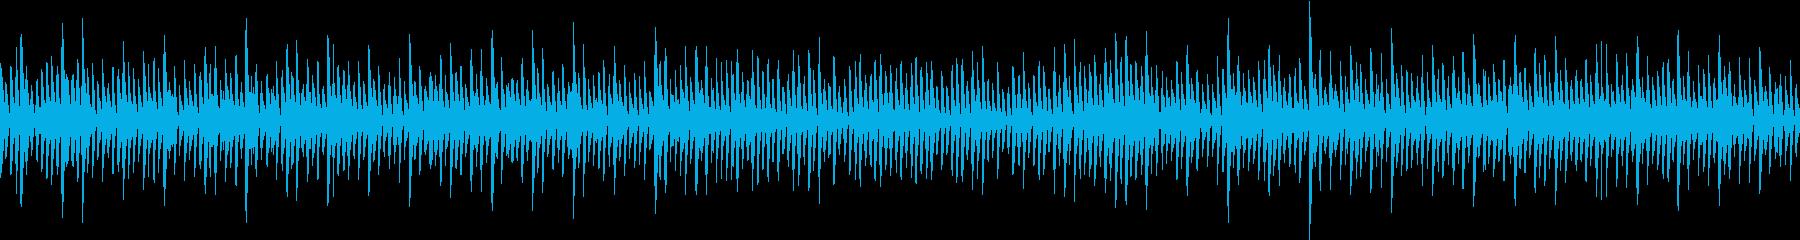 アップテンポなレトロゲームのBGMです。の再生済みの波形